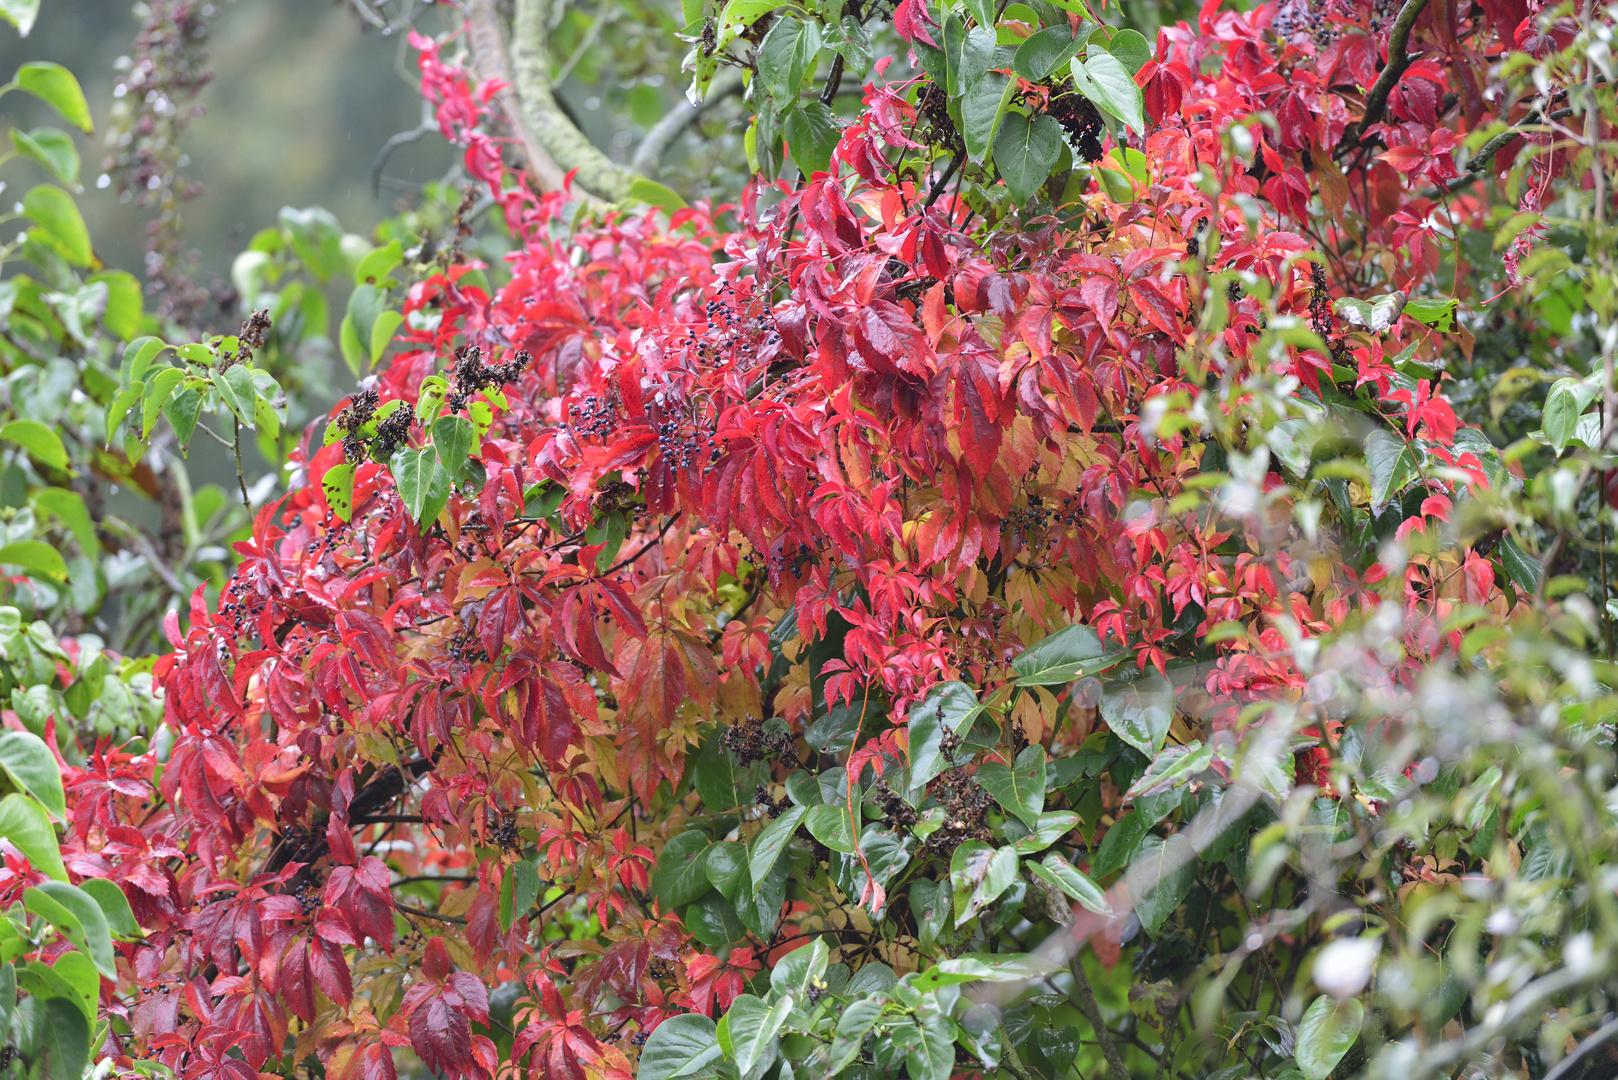 Herbstliche Gartenhecke im Regen